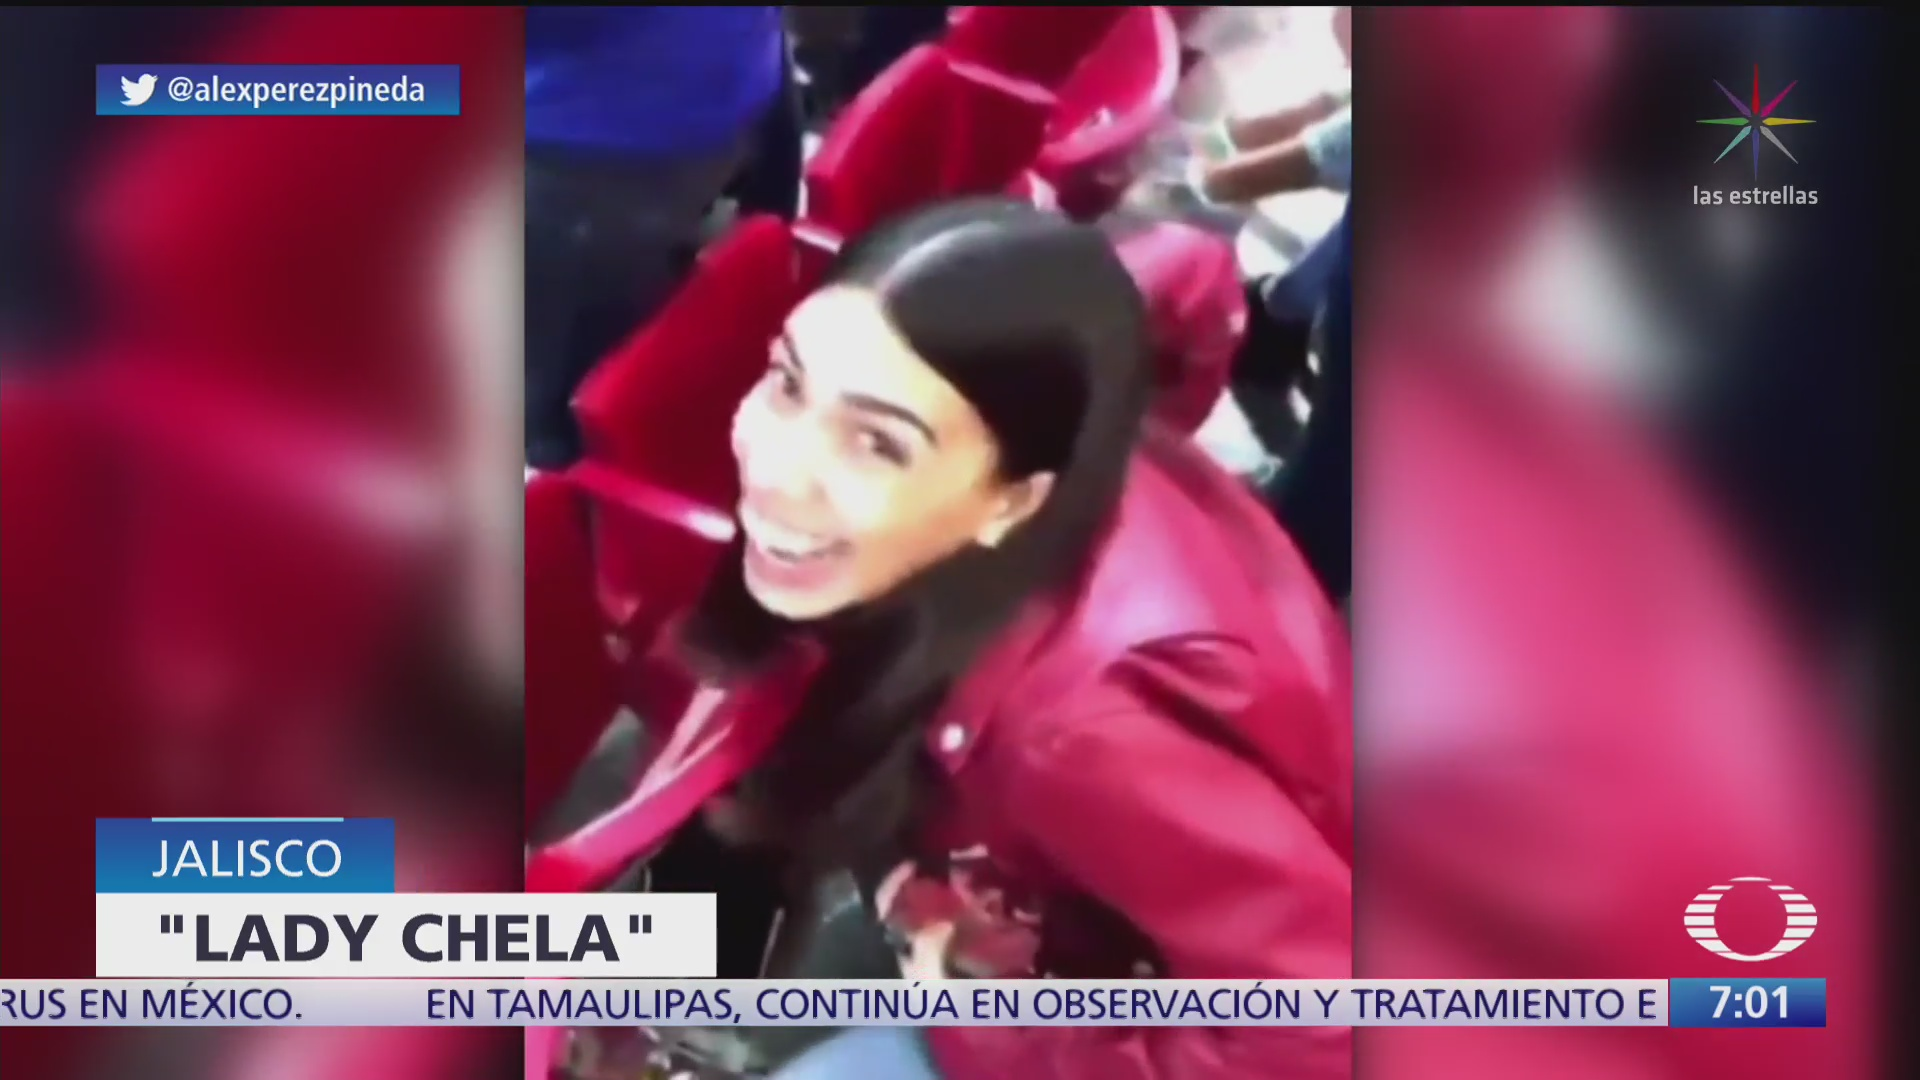 lady chela se vuelve viral en redes